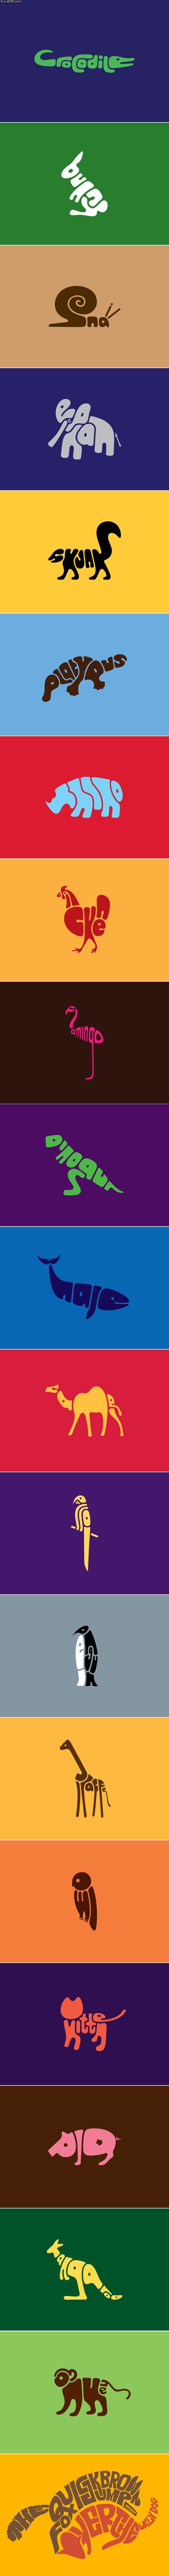 animal_logos.jpg (625×9552)